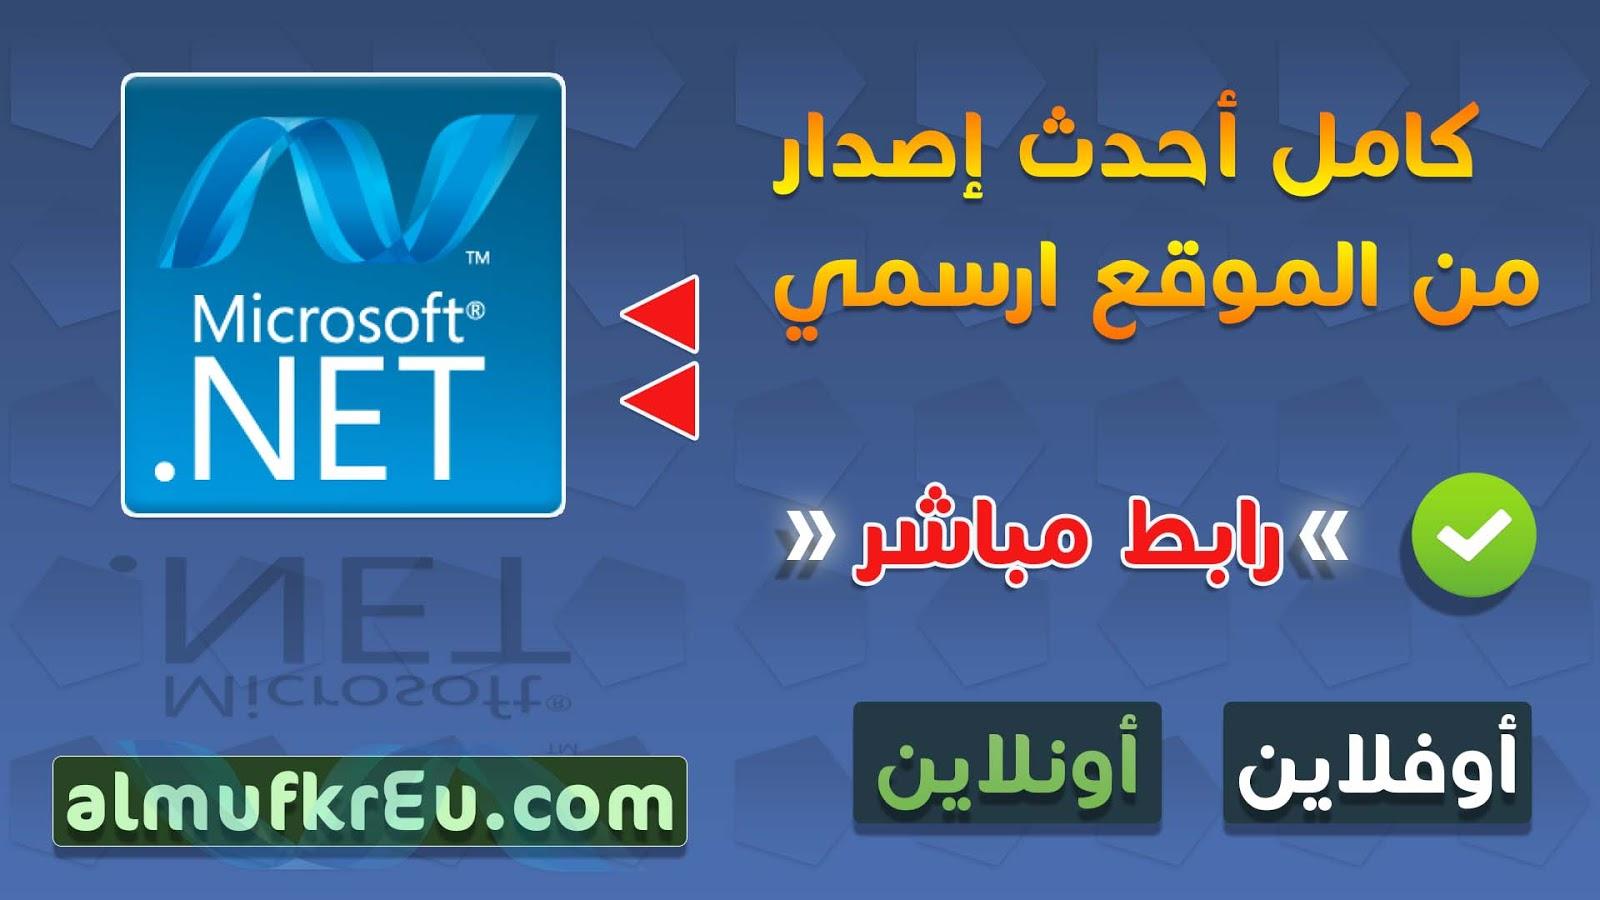 طريقة تحميل وتثبيت NET Framework الإصدار الكامل دون إتصال لتشغيل أحدث الالعاب والبرامج